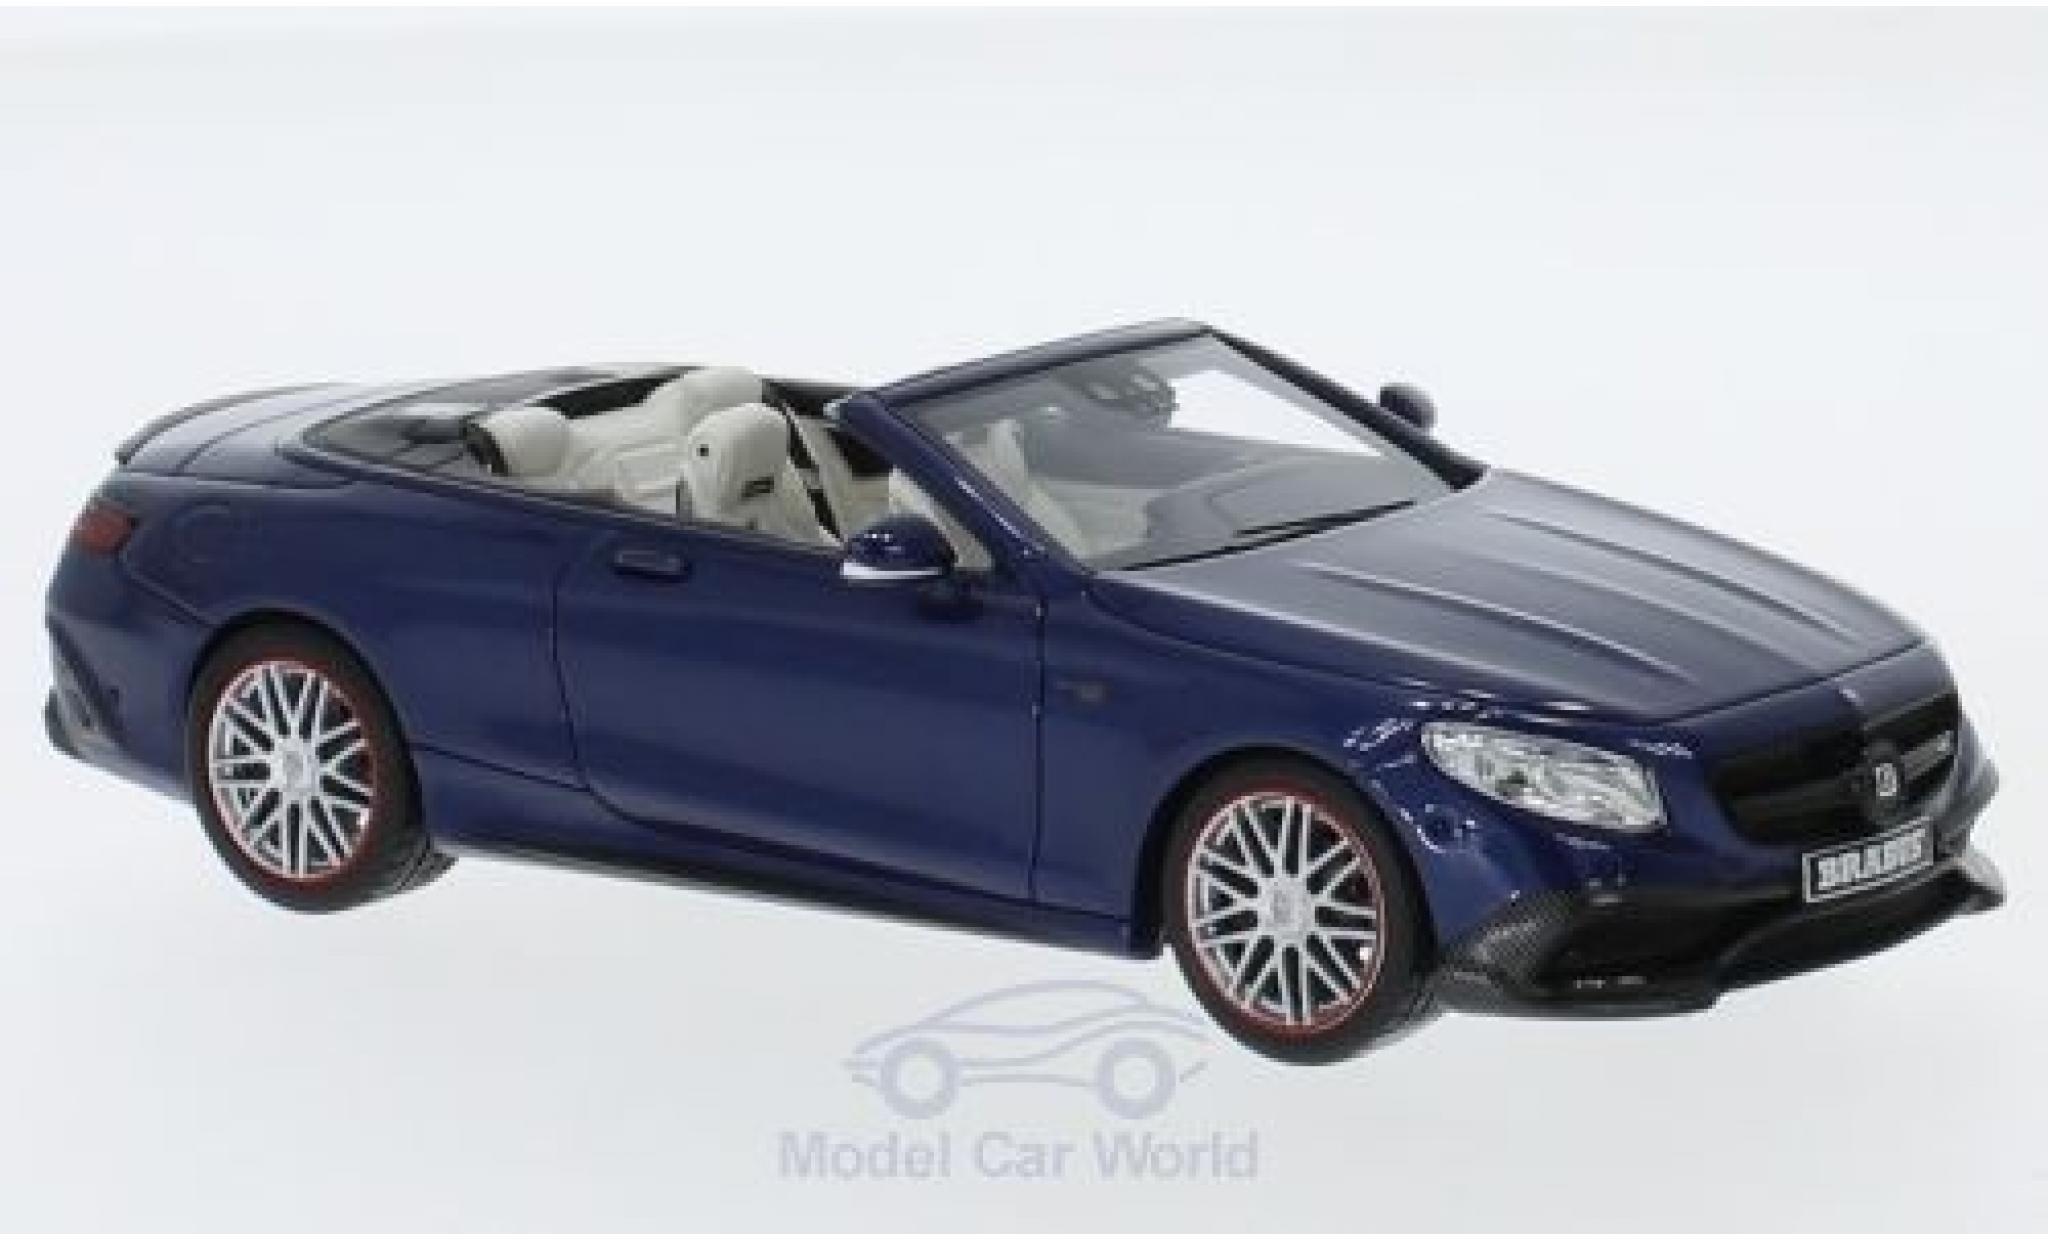 Mercedes Classe S 1/43 Minichamps Brabus 850 metallise bleue 2016 Basis AMG S 63 Cabriolet